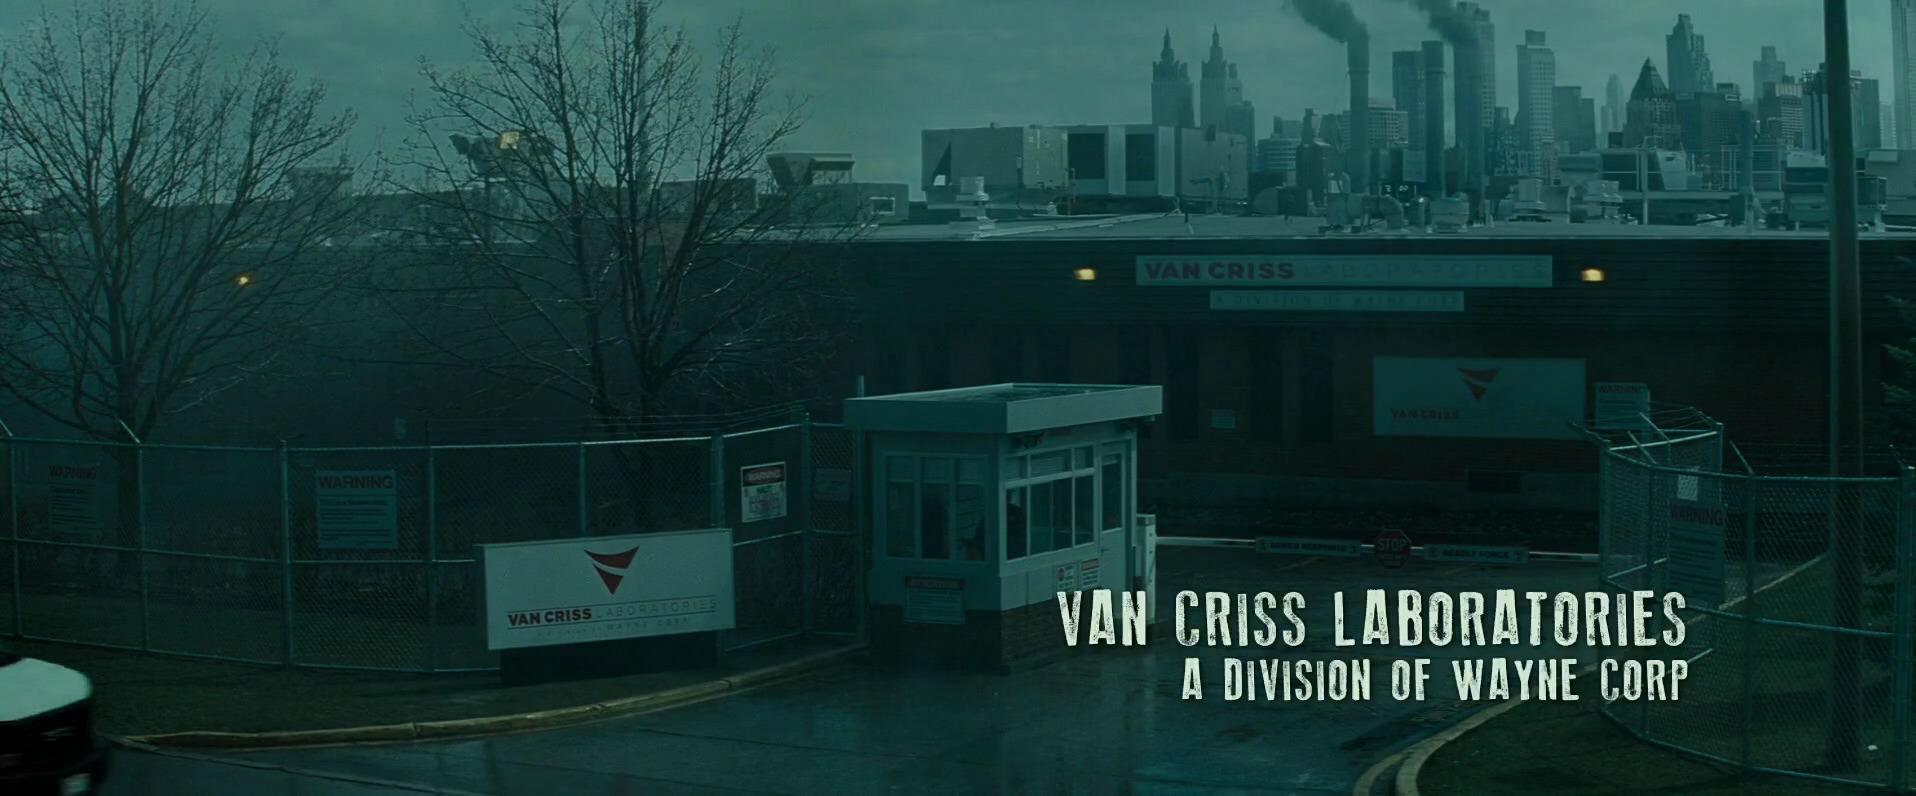 Van Criss Laboratories